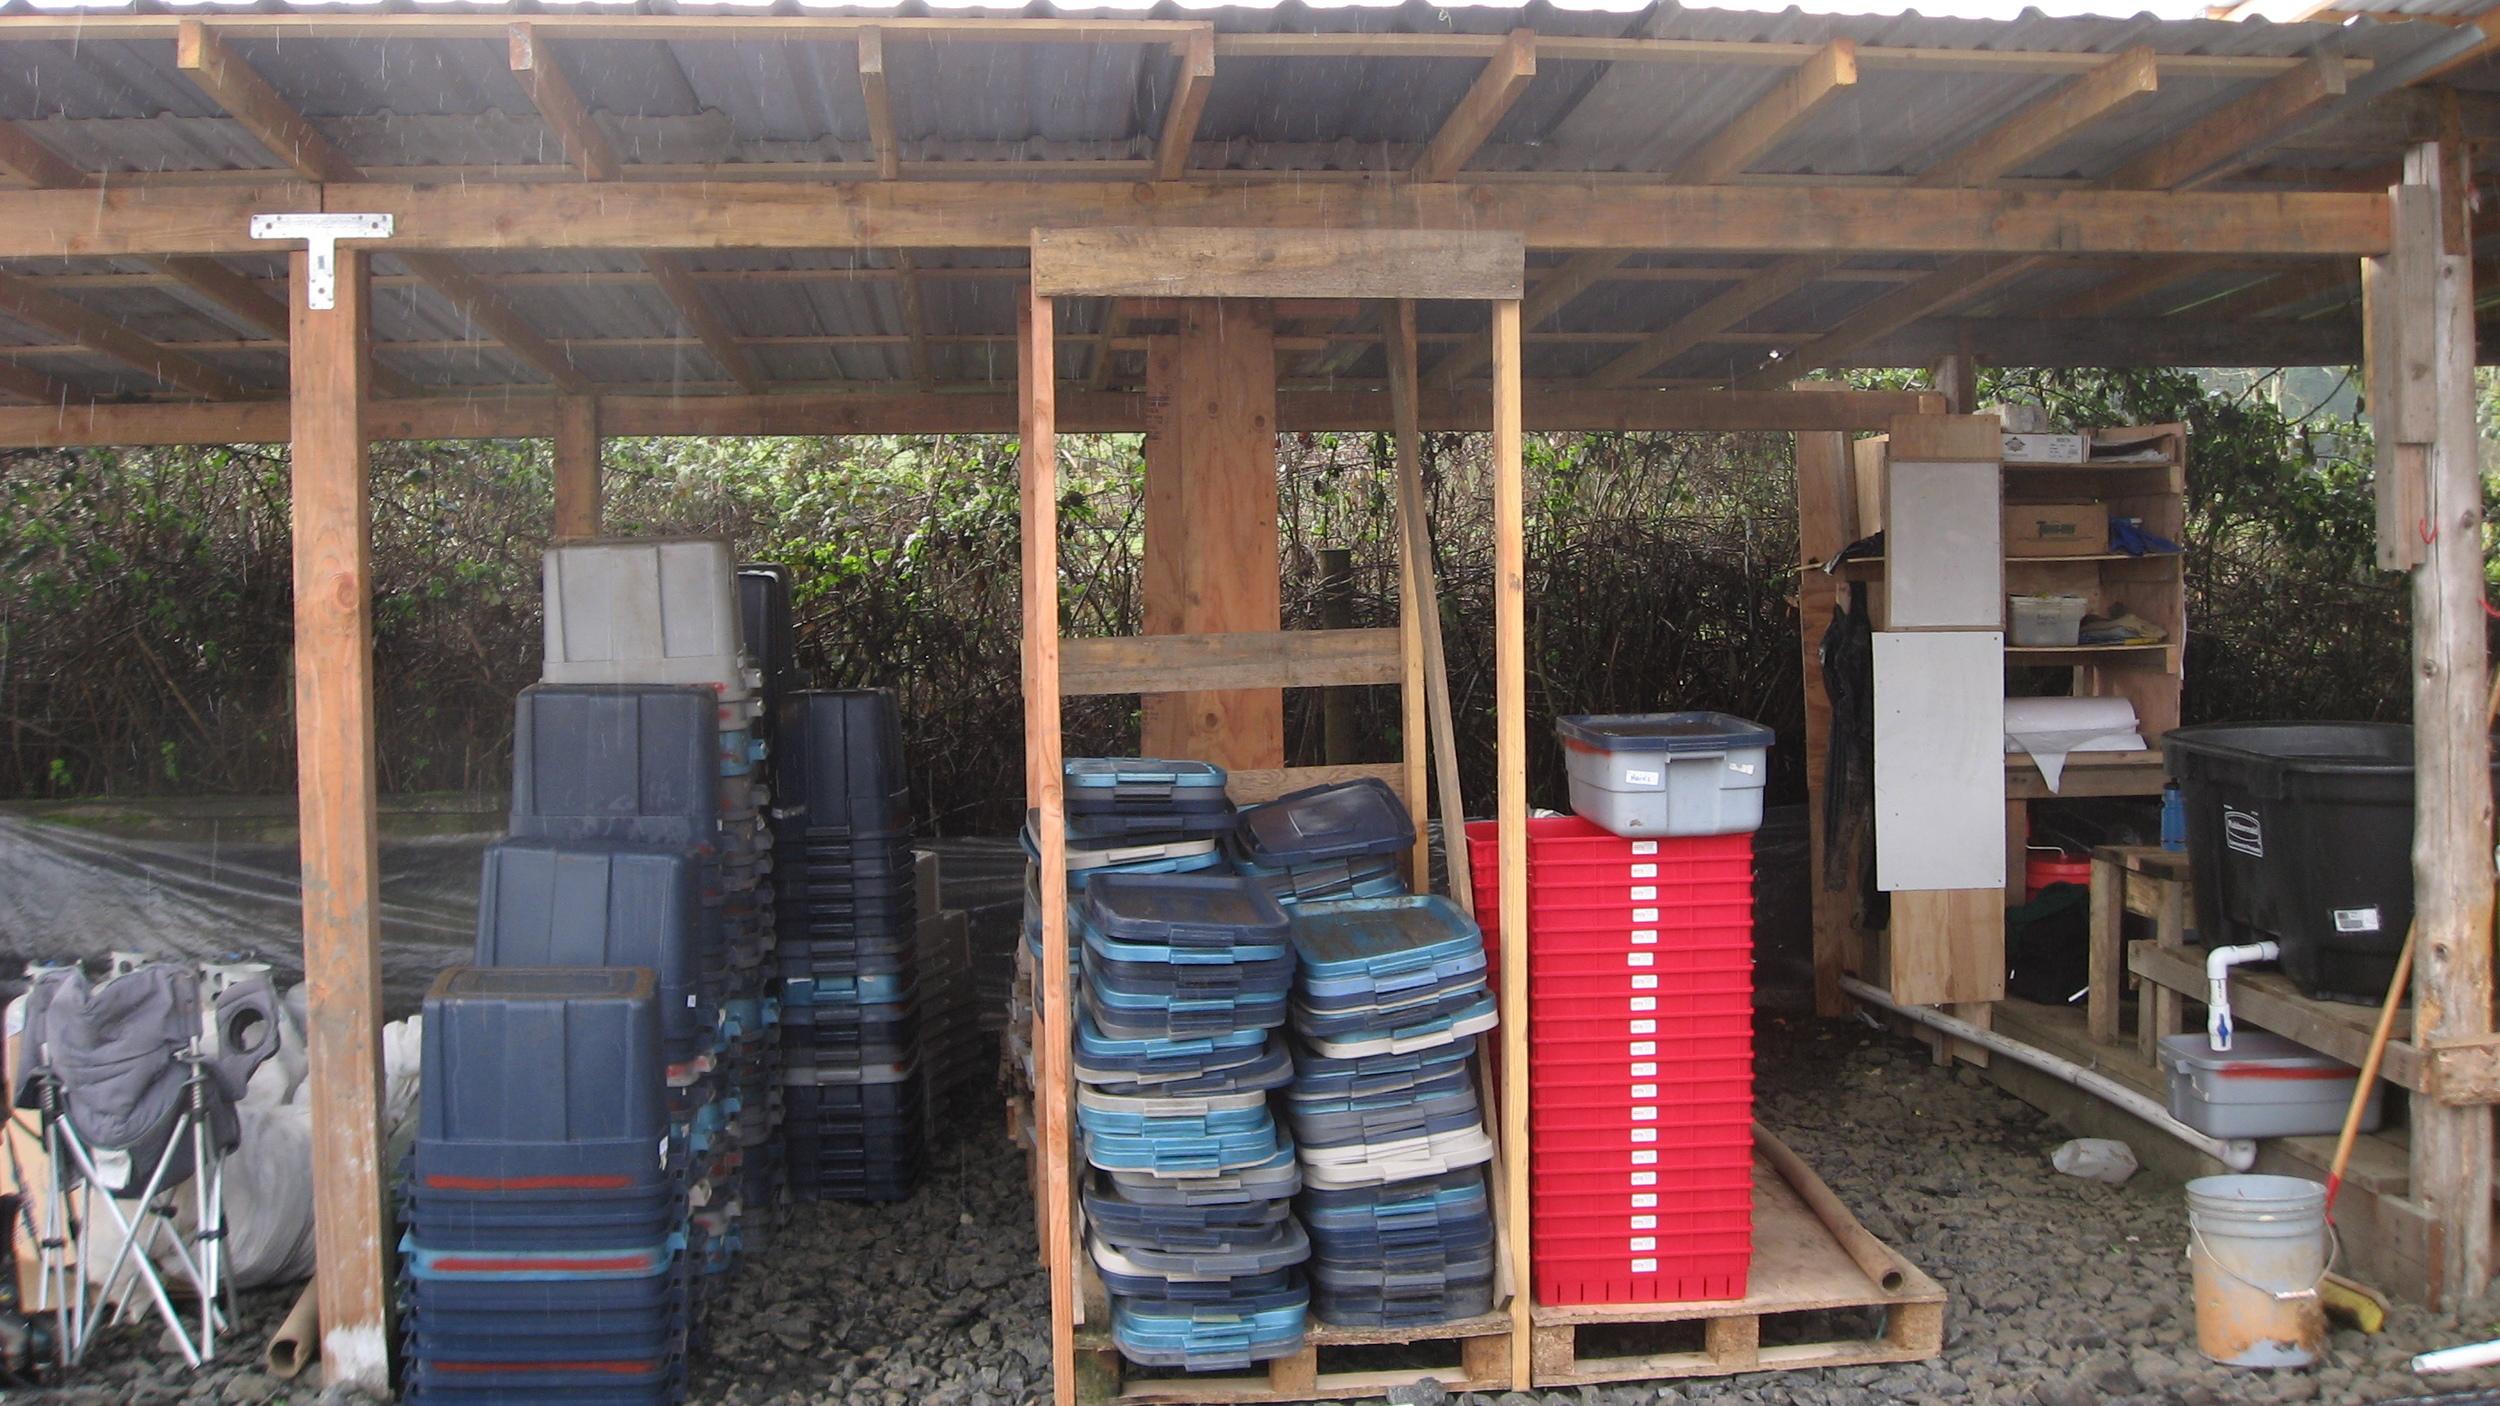 Wash-shed bin storage